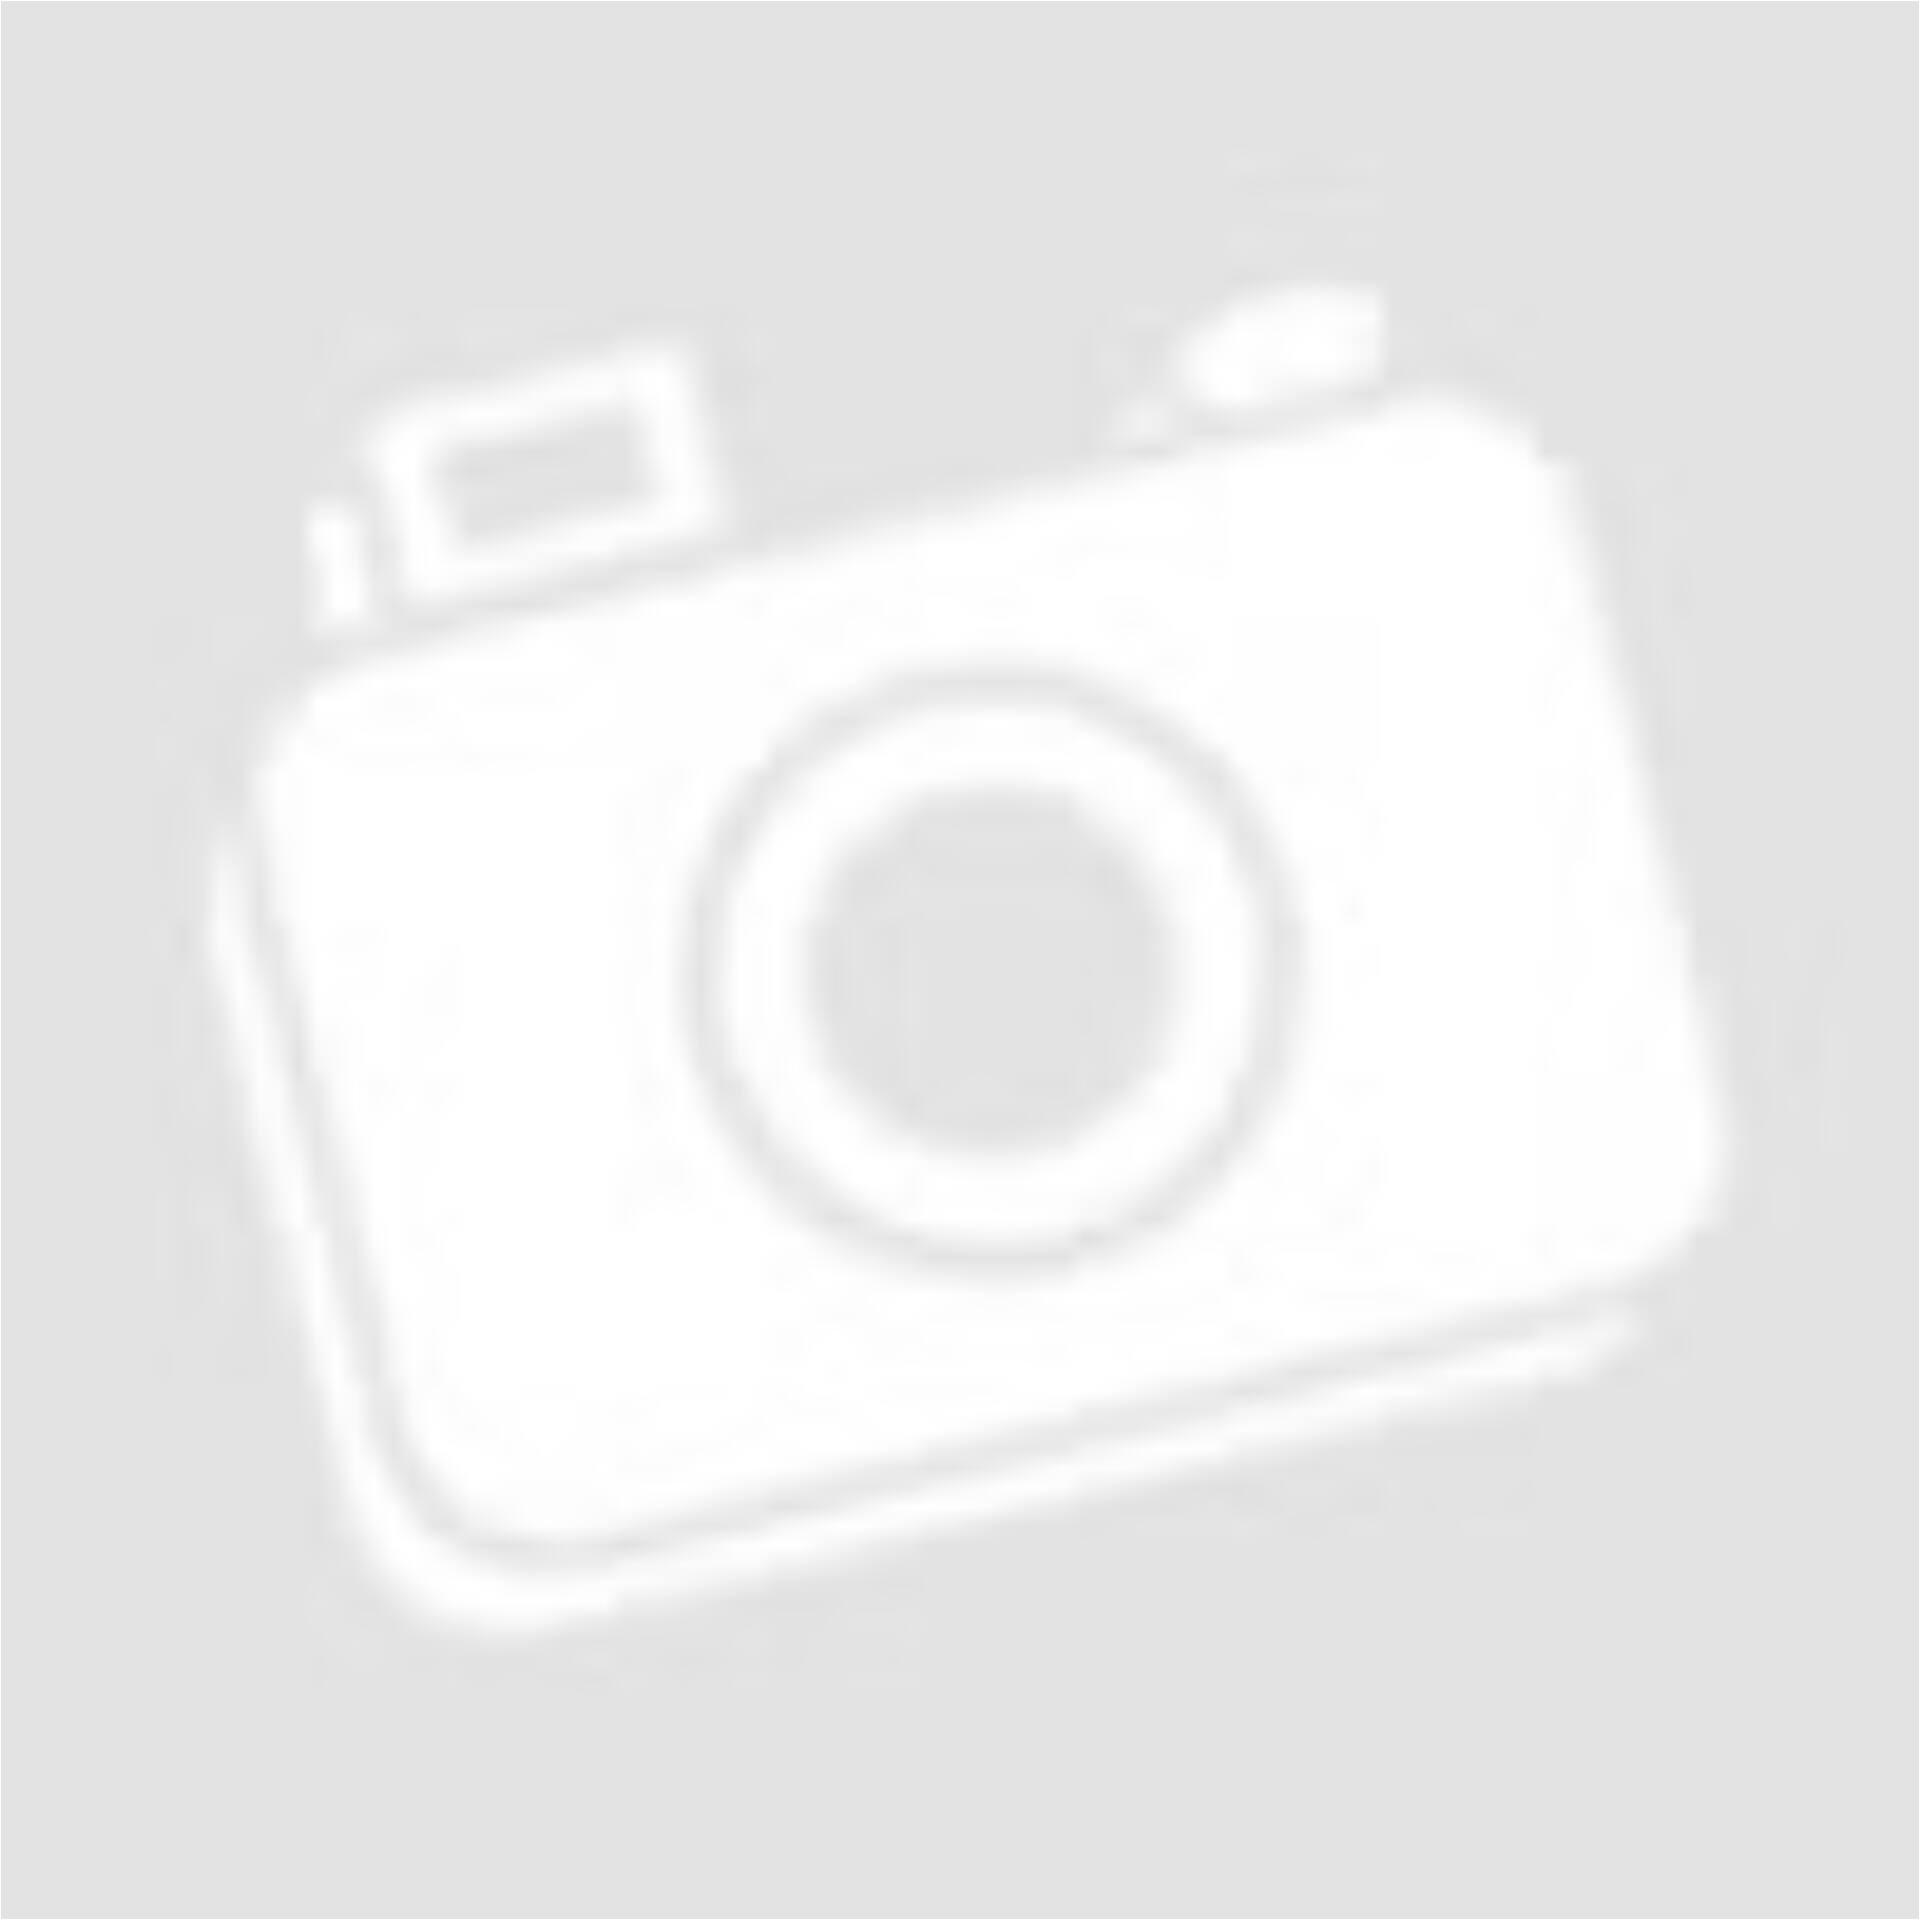 38803af040 APHORISM szürke színű szőrme dzseki (Méret: M) - Női dzseki, kabát, blézer  - Öltözz ki webáruház - Új és Használtruha webshop